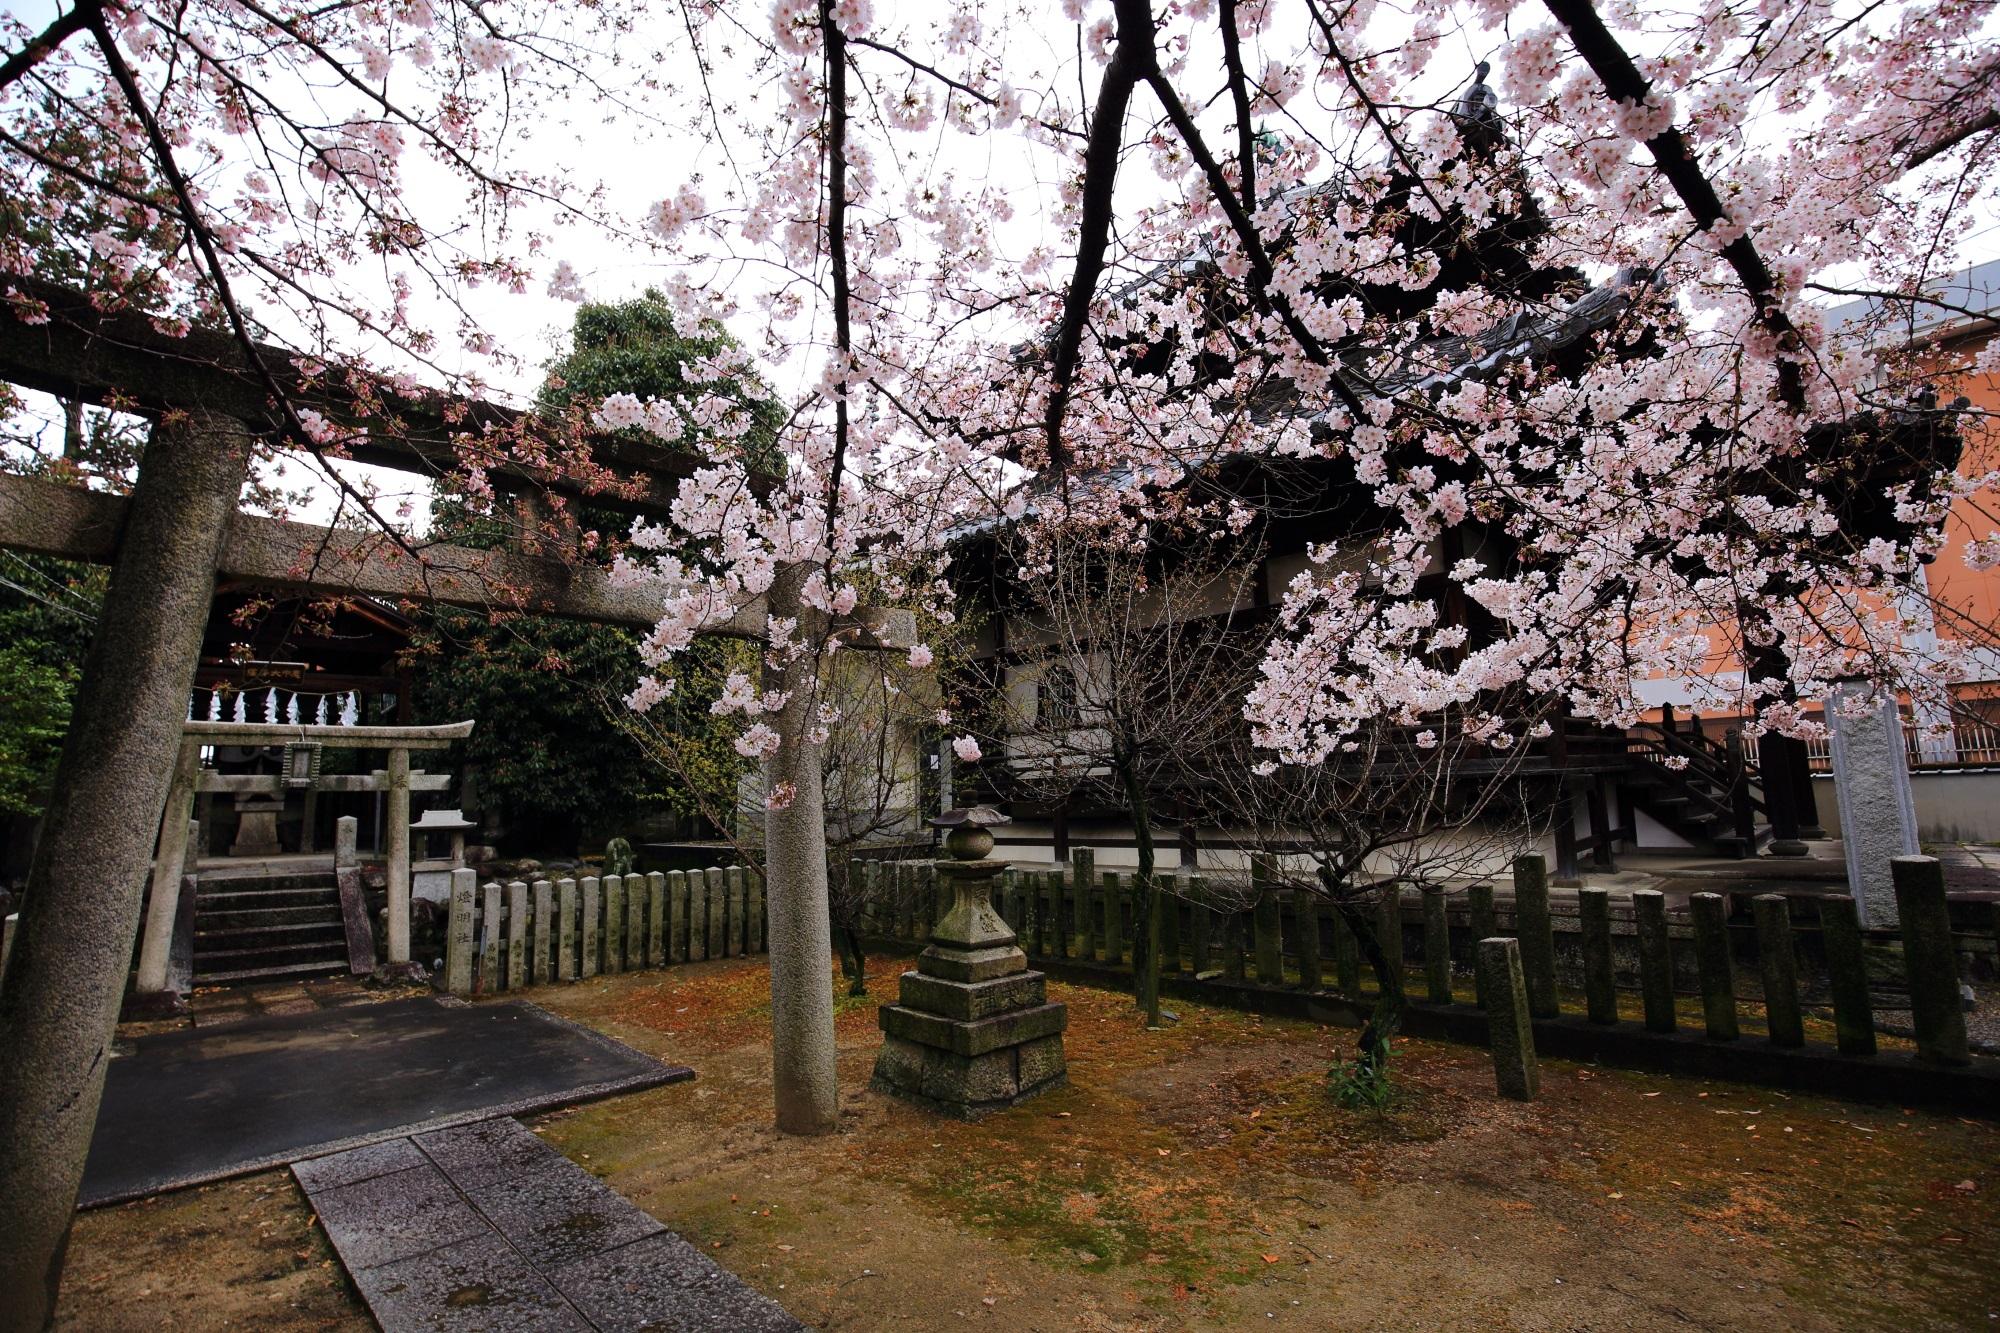 妙顕寺(みょうけんじ)の末社の華やかな桜